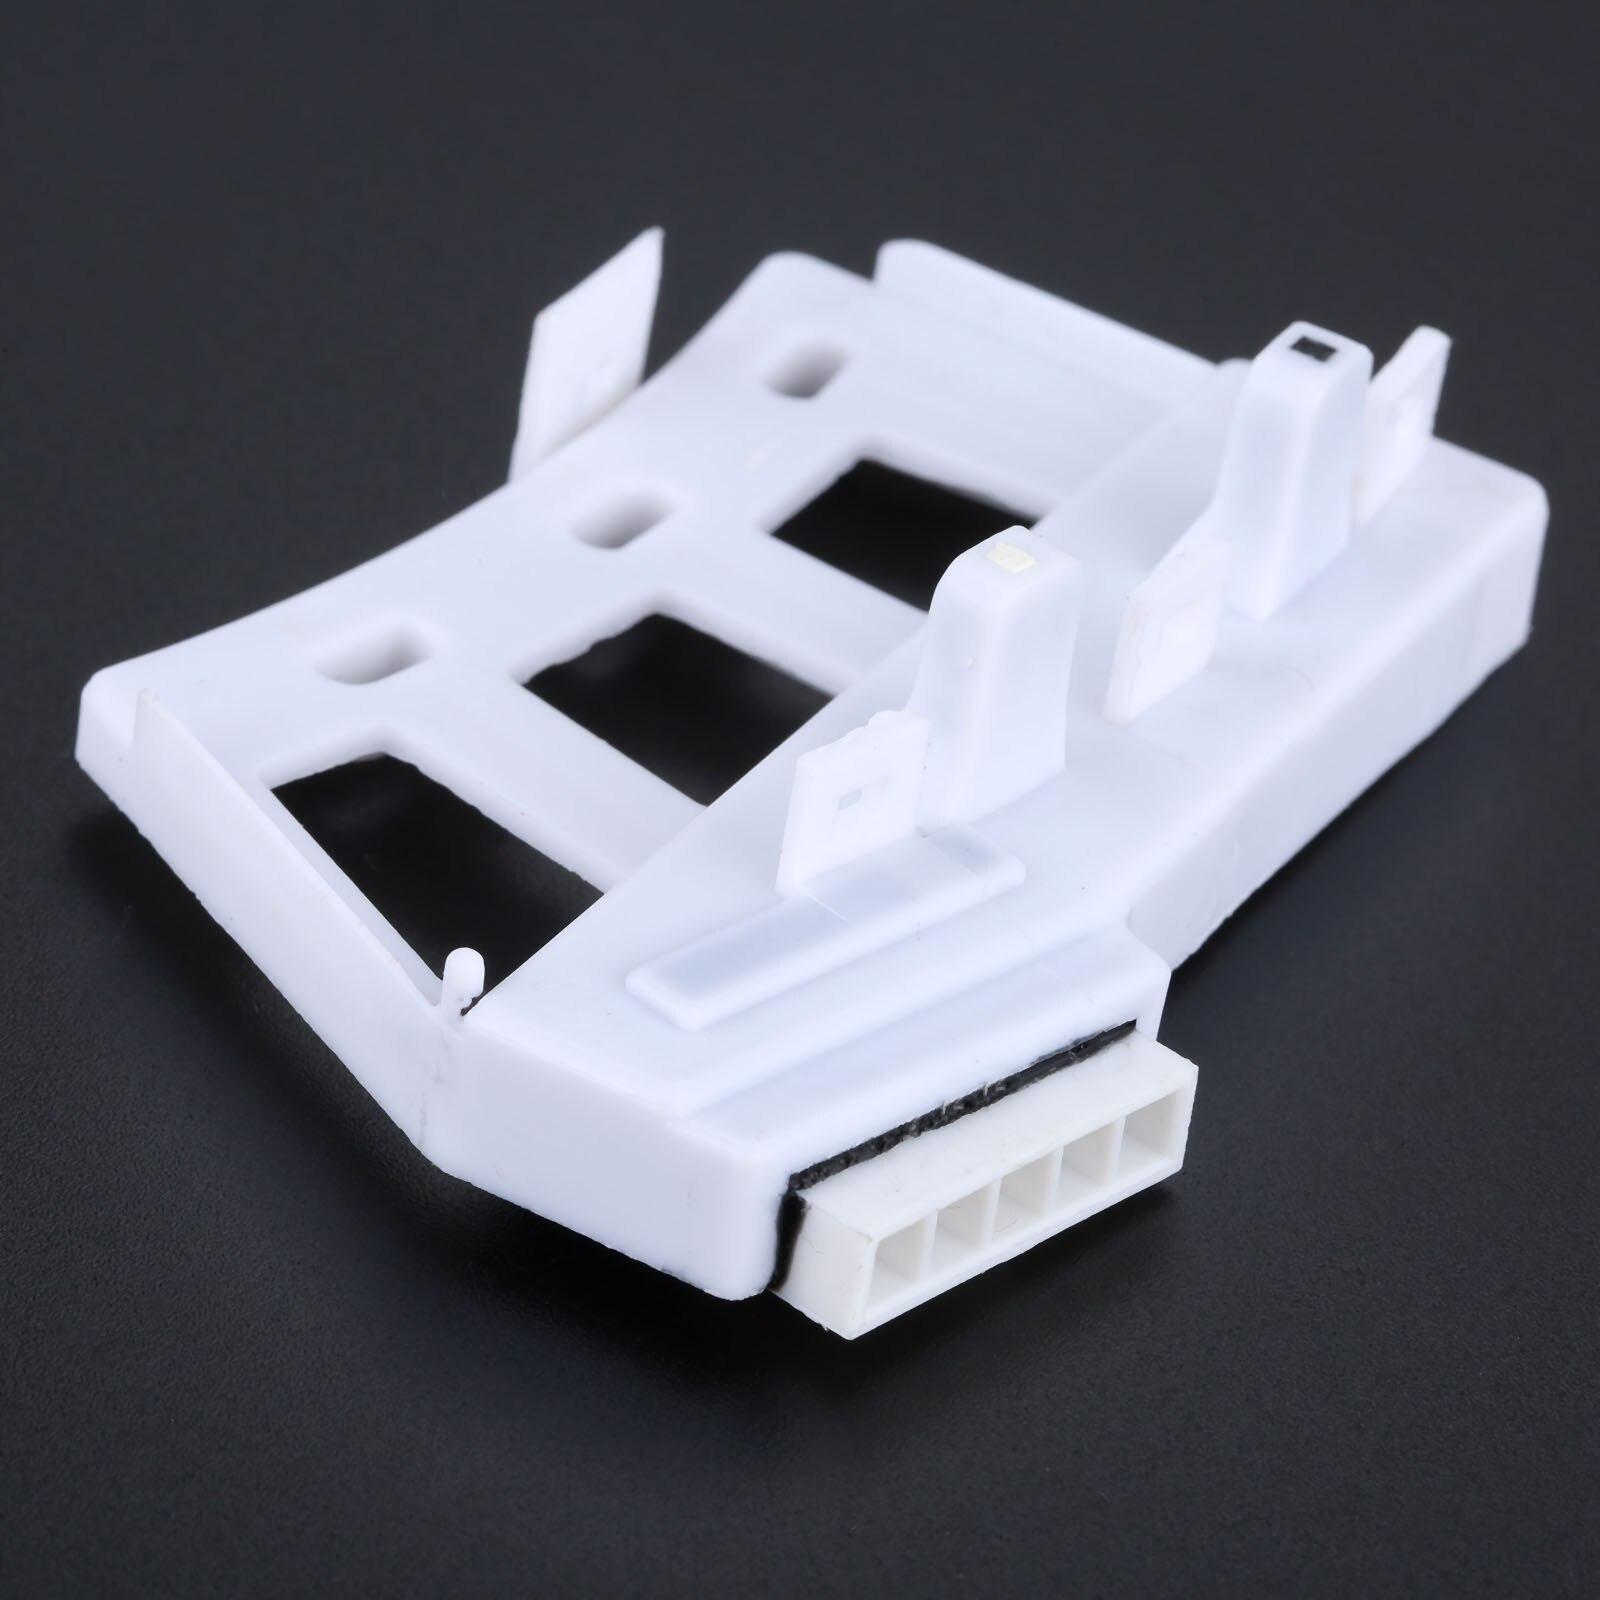 Электронная стиральная машина Датчик положения ротора в сборе 6501KW2001A PS3529186 AP4440680 подходит для электроники LG